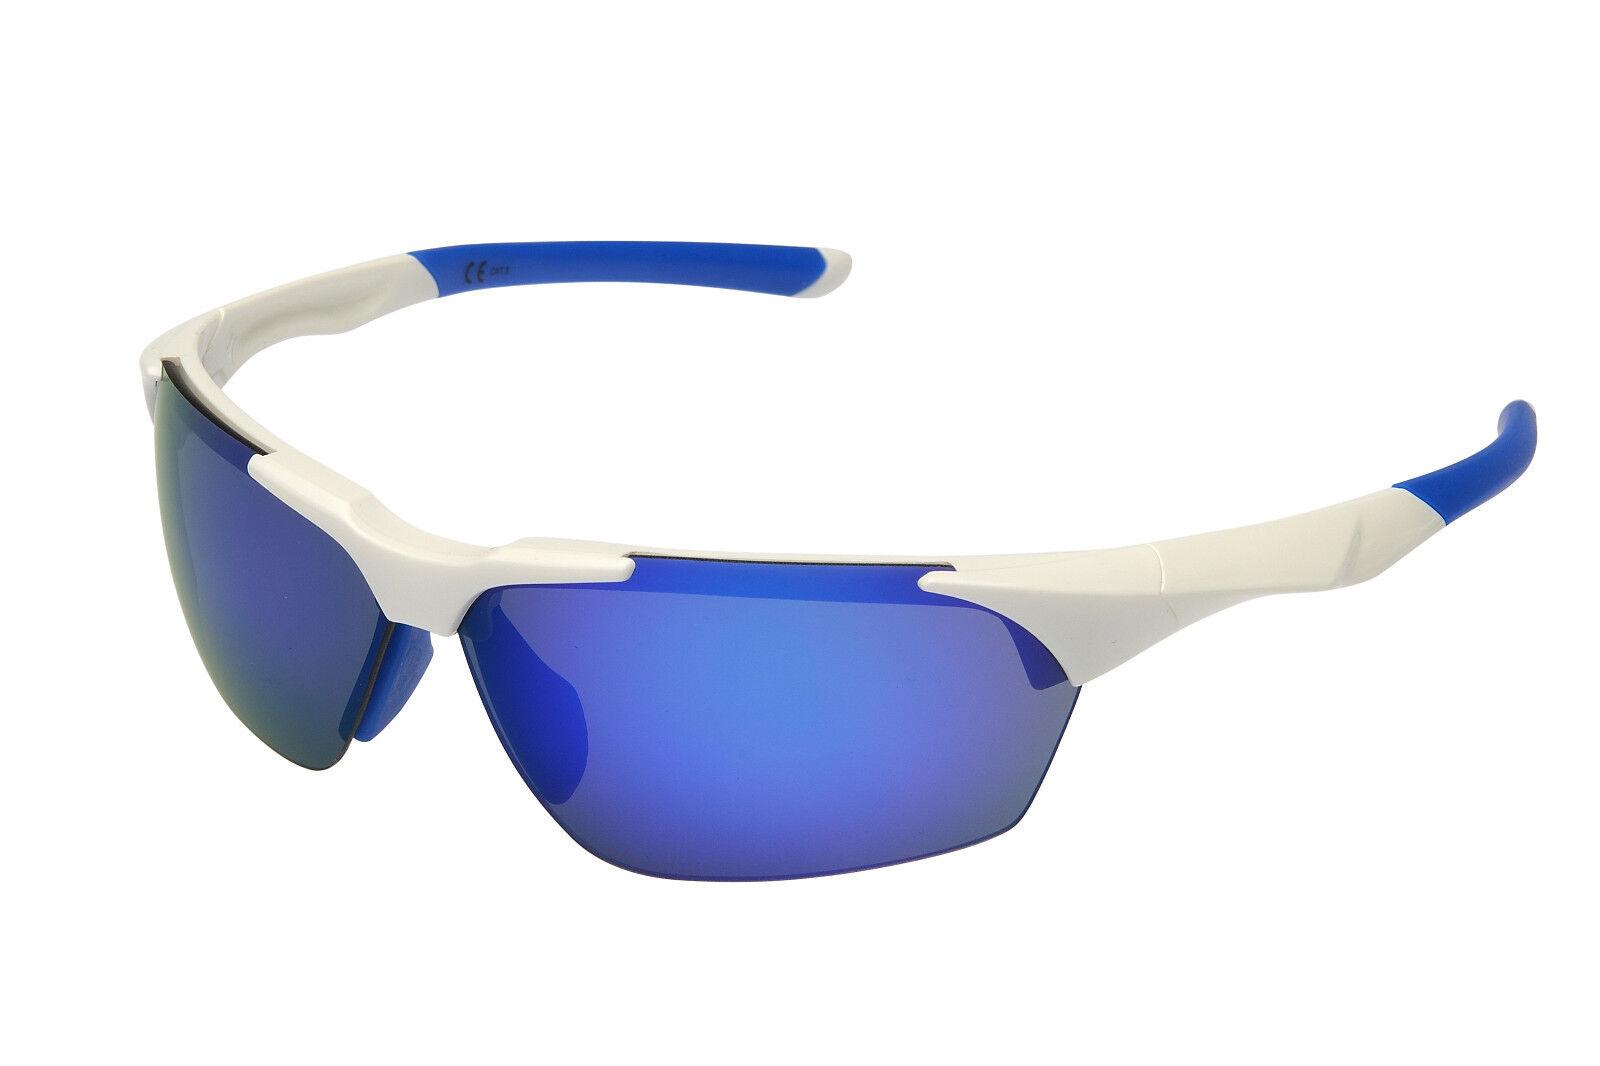 Lunettes de soleil protection stadionbrille - - Blanc Bleu - - pour Hamburg fans 1f60fc